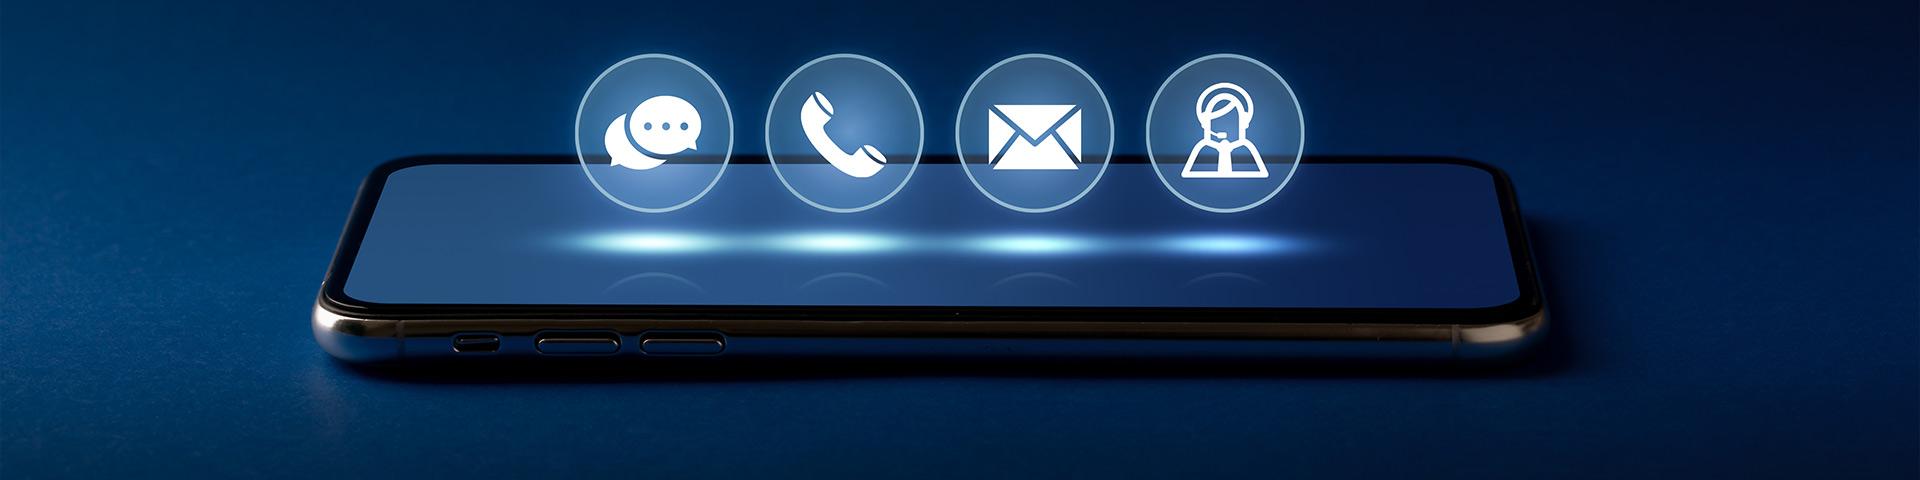 بنر پشتیبانی سایت فروش لوازم خانگی شرکت امیران استیل تصویر صفحه موبایل آیکون های راه های ارتباطی تلفن موبایل ایمیل چت عکس استفاده شده در سایت فروشگاه اینترنتی لوازم خانگی امیر استیل